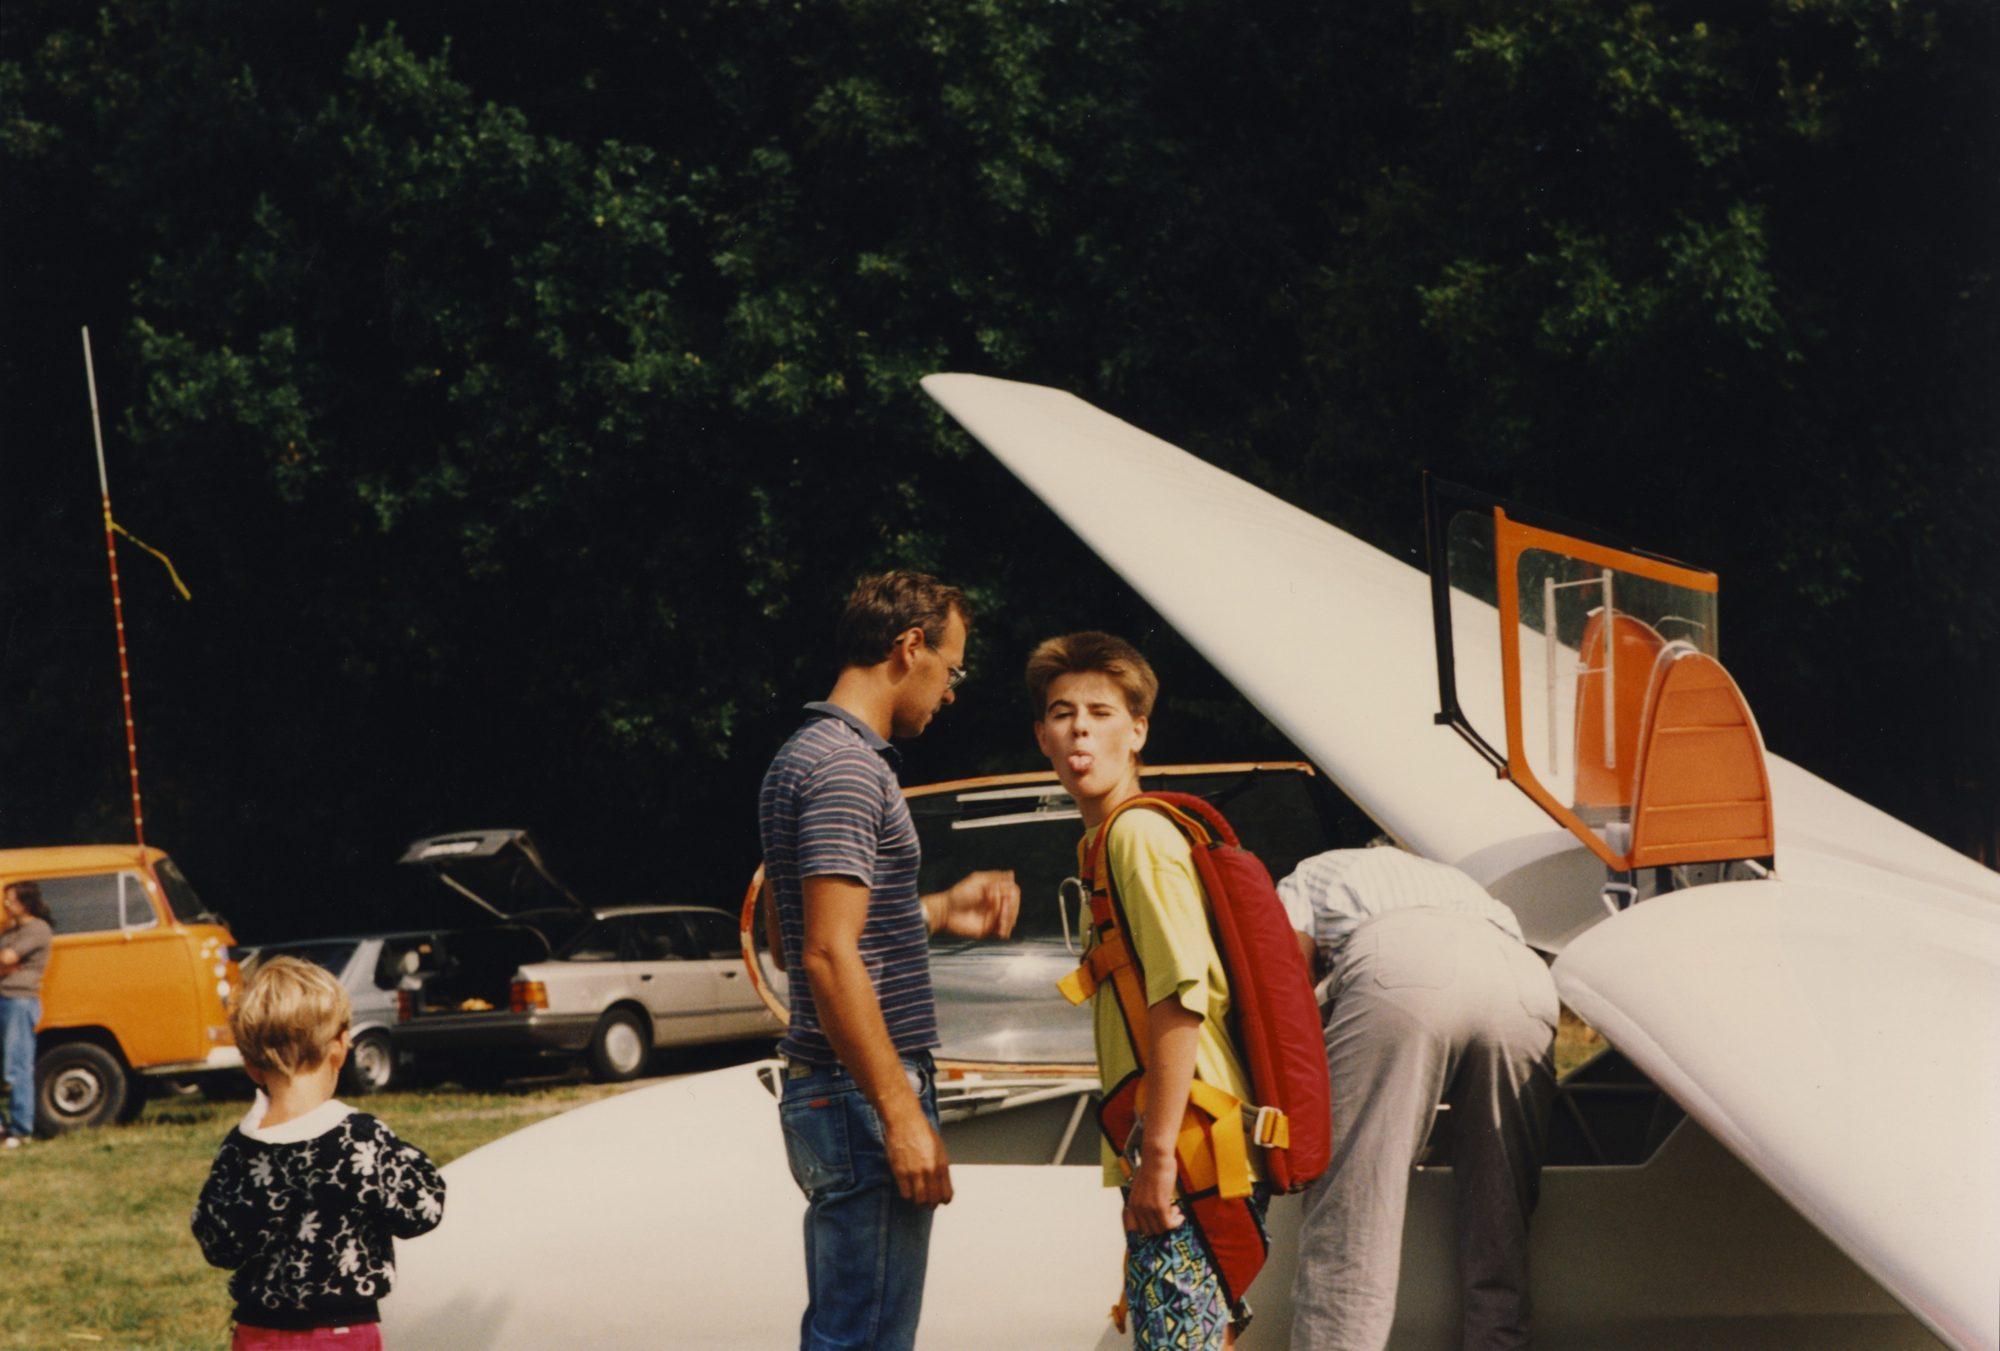 Michael kurz vor seinem Segelflug in Amrichshausen.